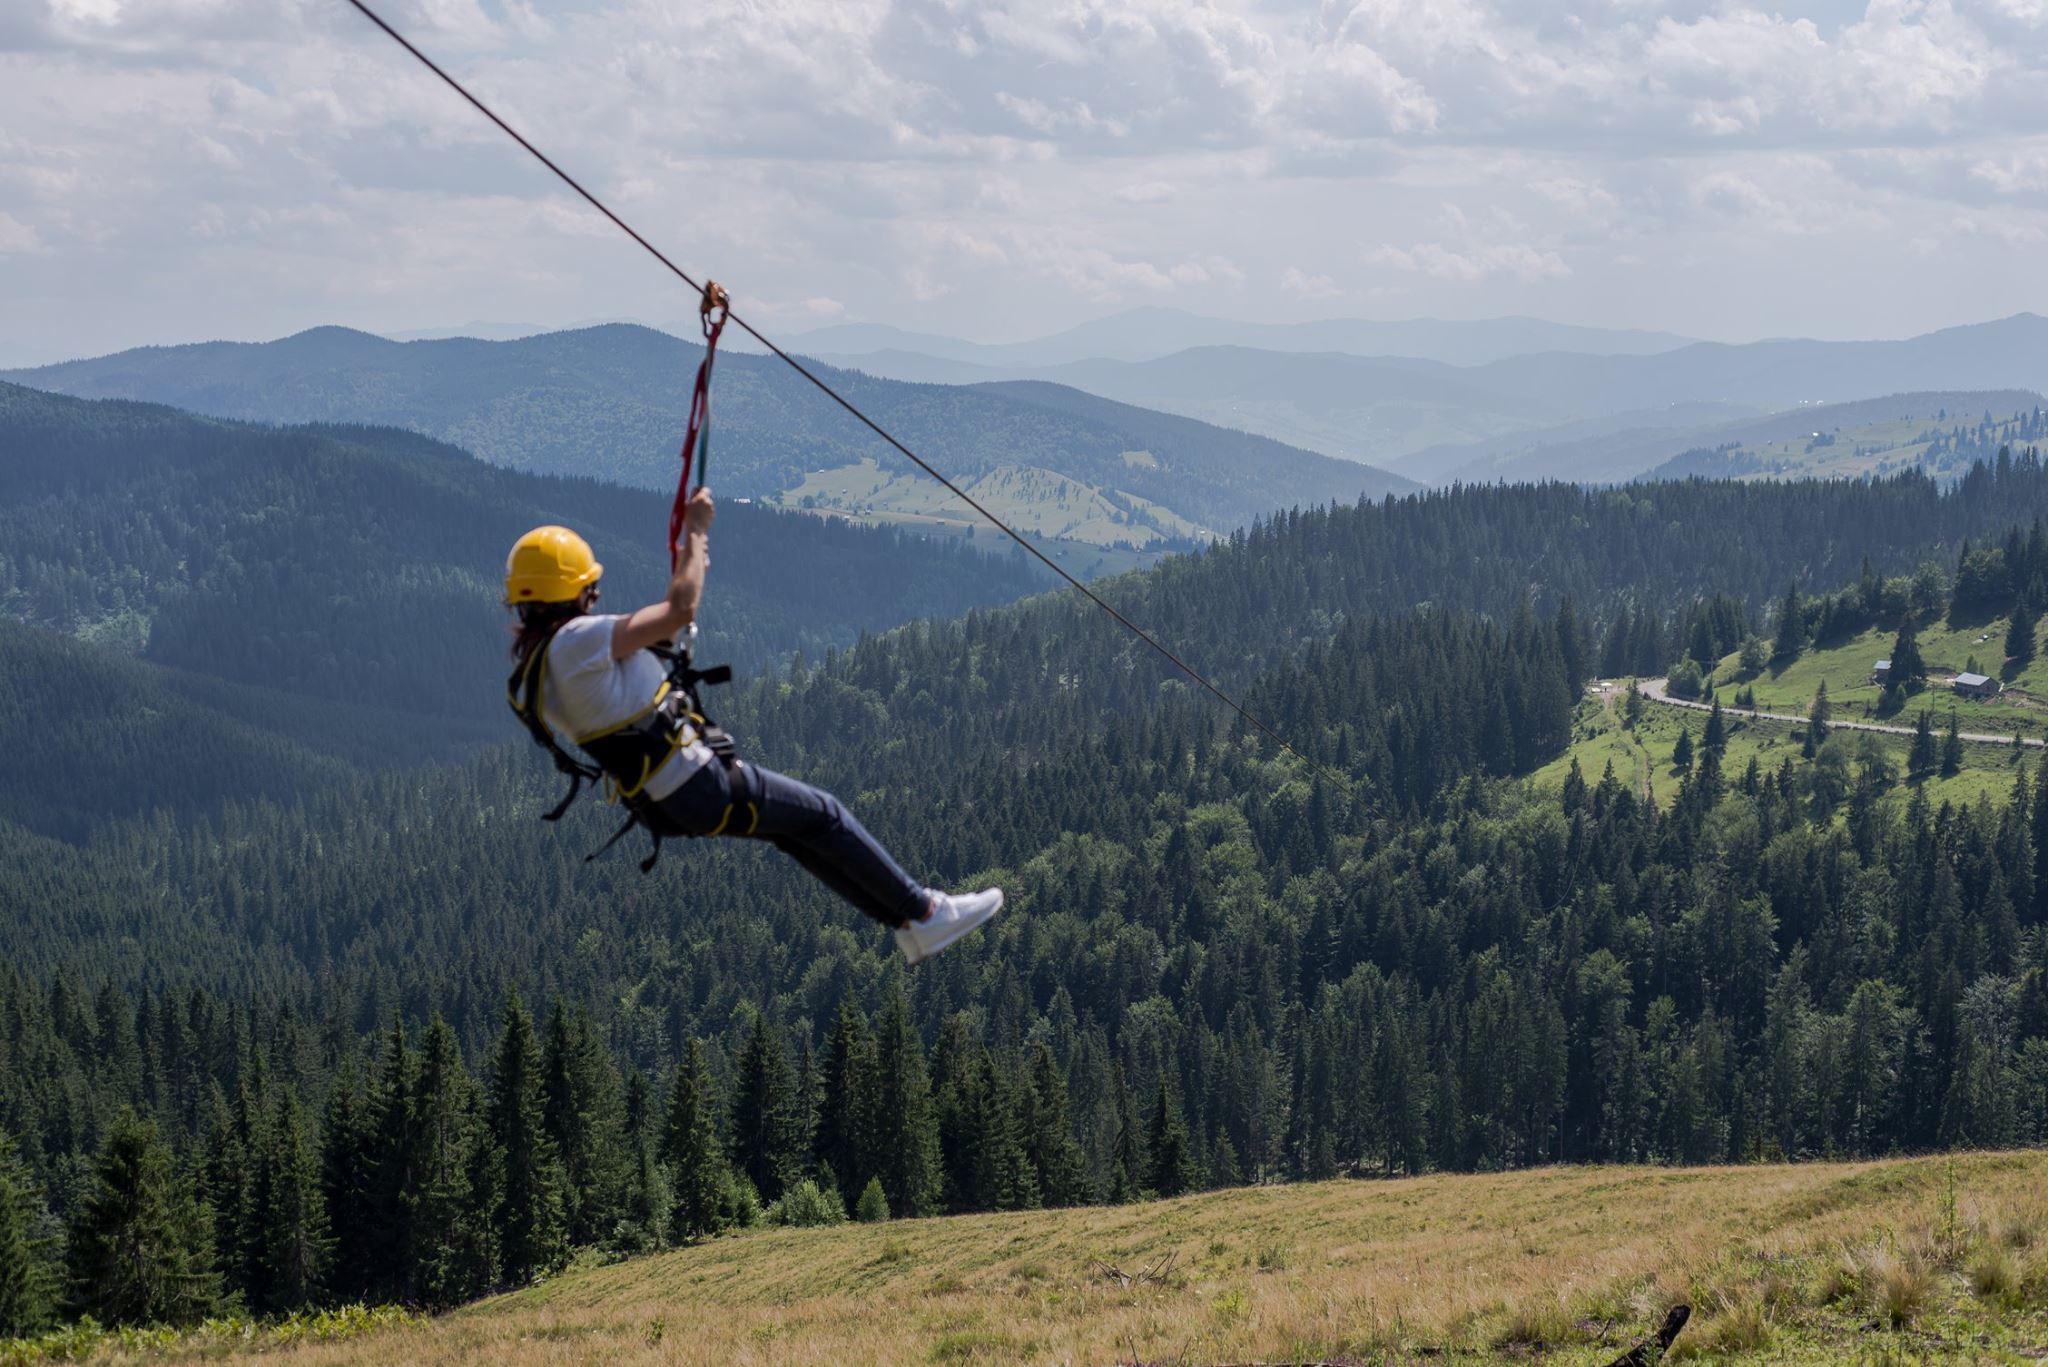 Cea mai lungă tiroliană din România, făcută în Pasul Ciumârna. Viteza atinsă e de 100 de kilometri/oră